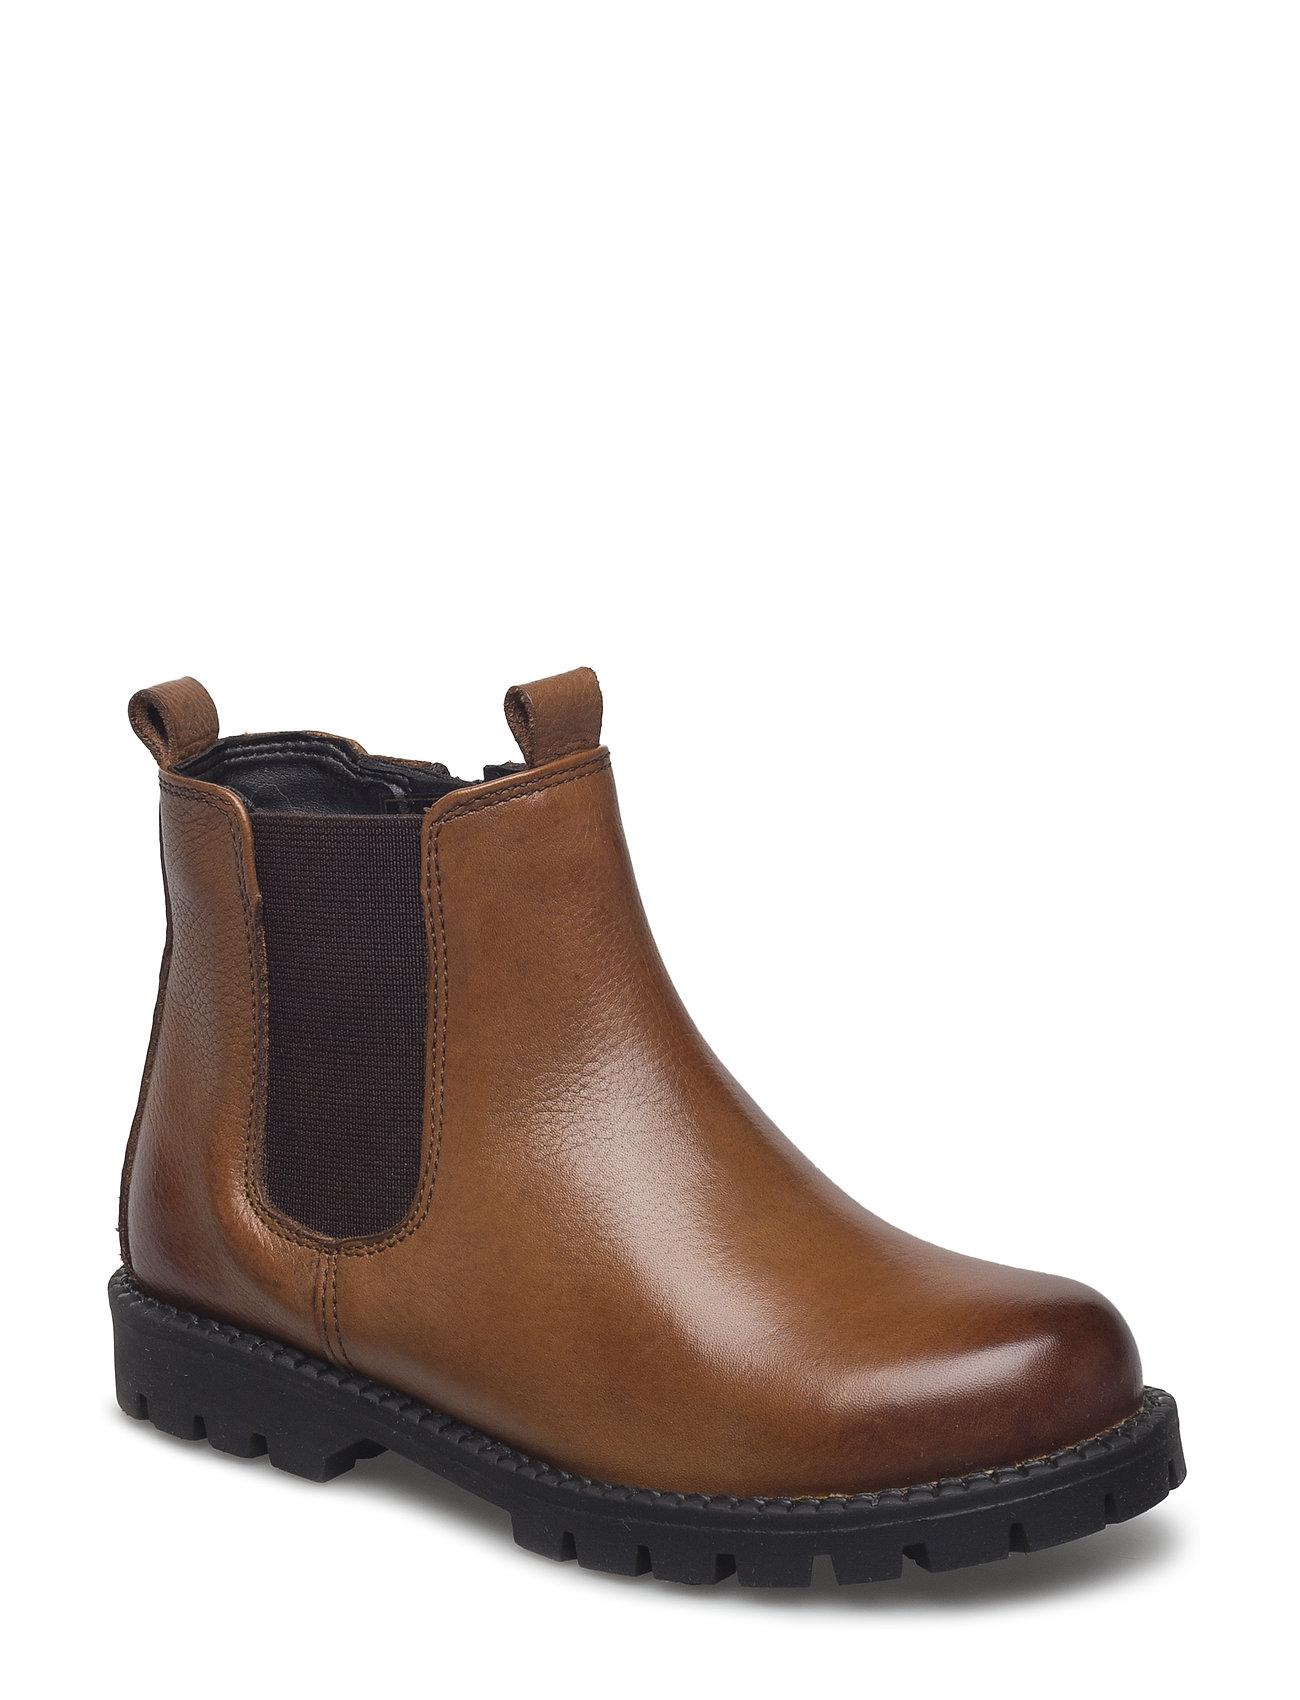 Boots Gulliver Støvler til Børn i cognac